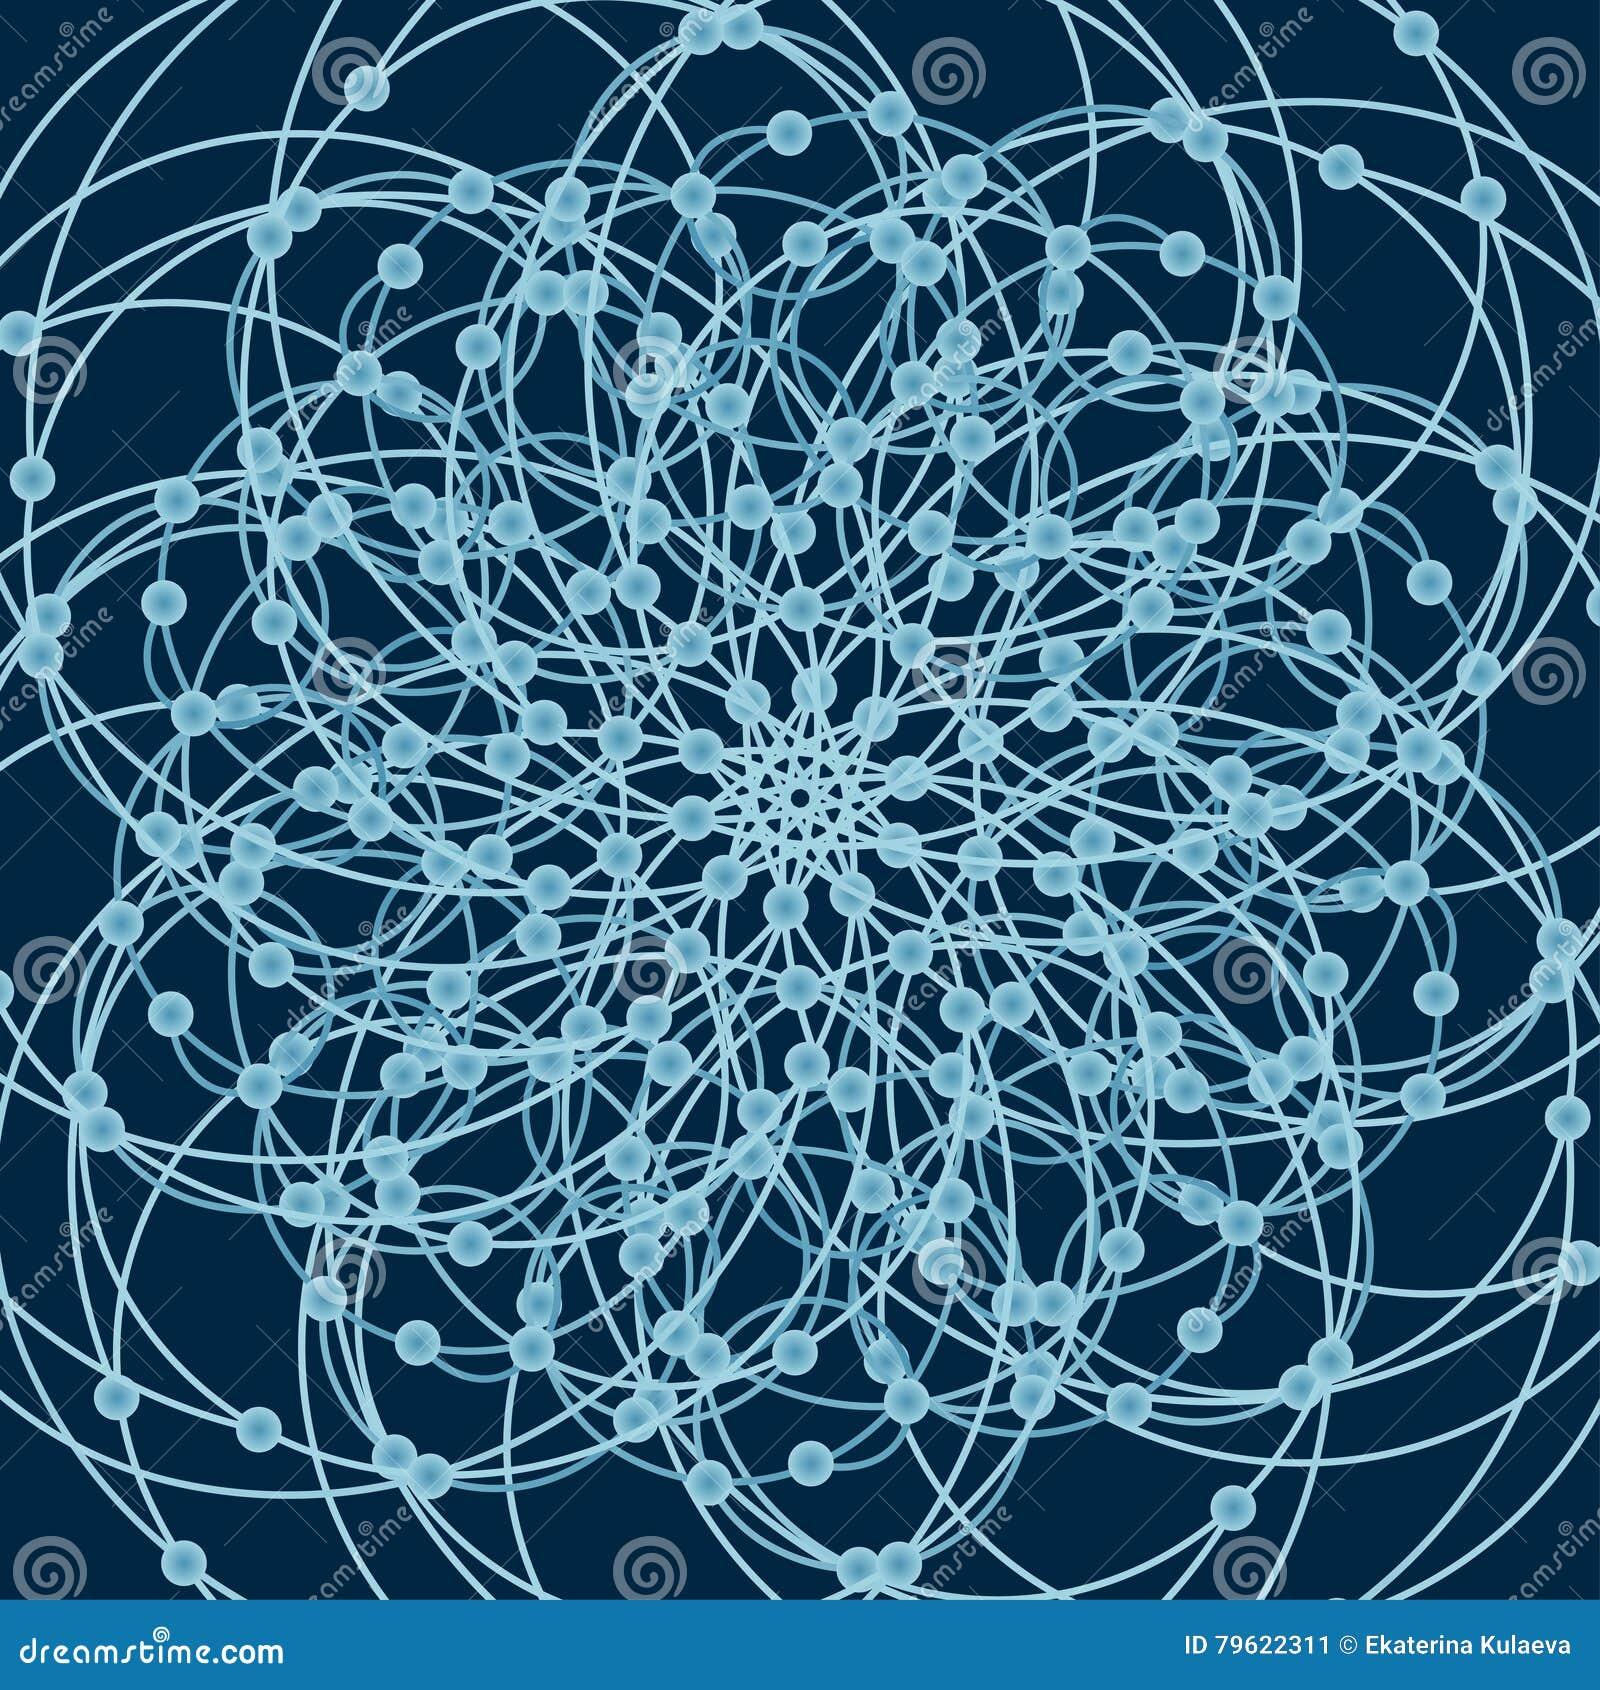 Mandala com símbolos sagrados e elementos da geometria